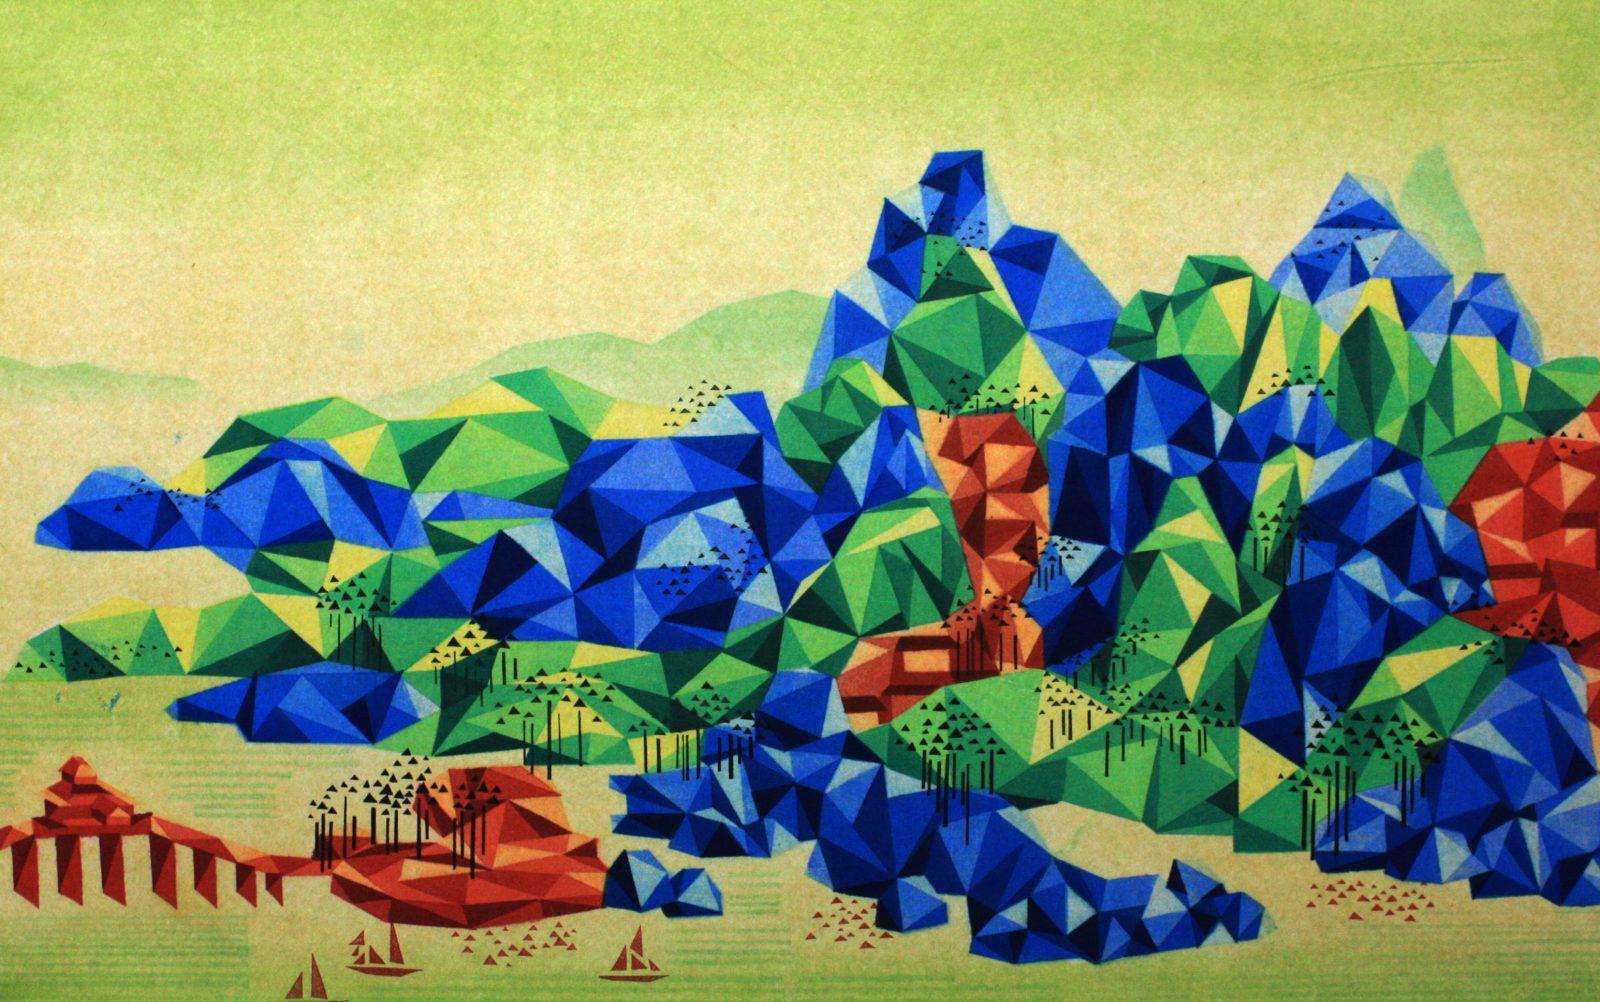 Reconstructed Landscape 《重构山水-4》45cm×80cm, 2014